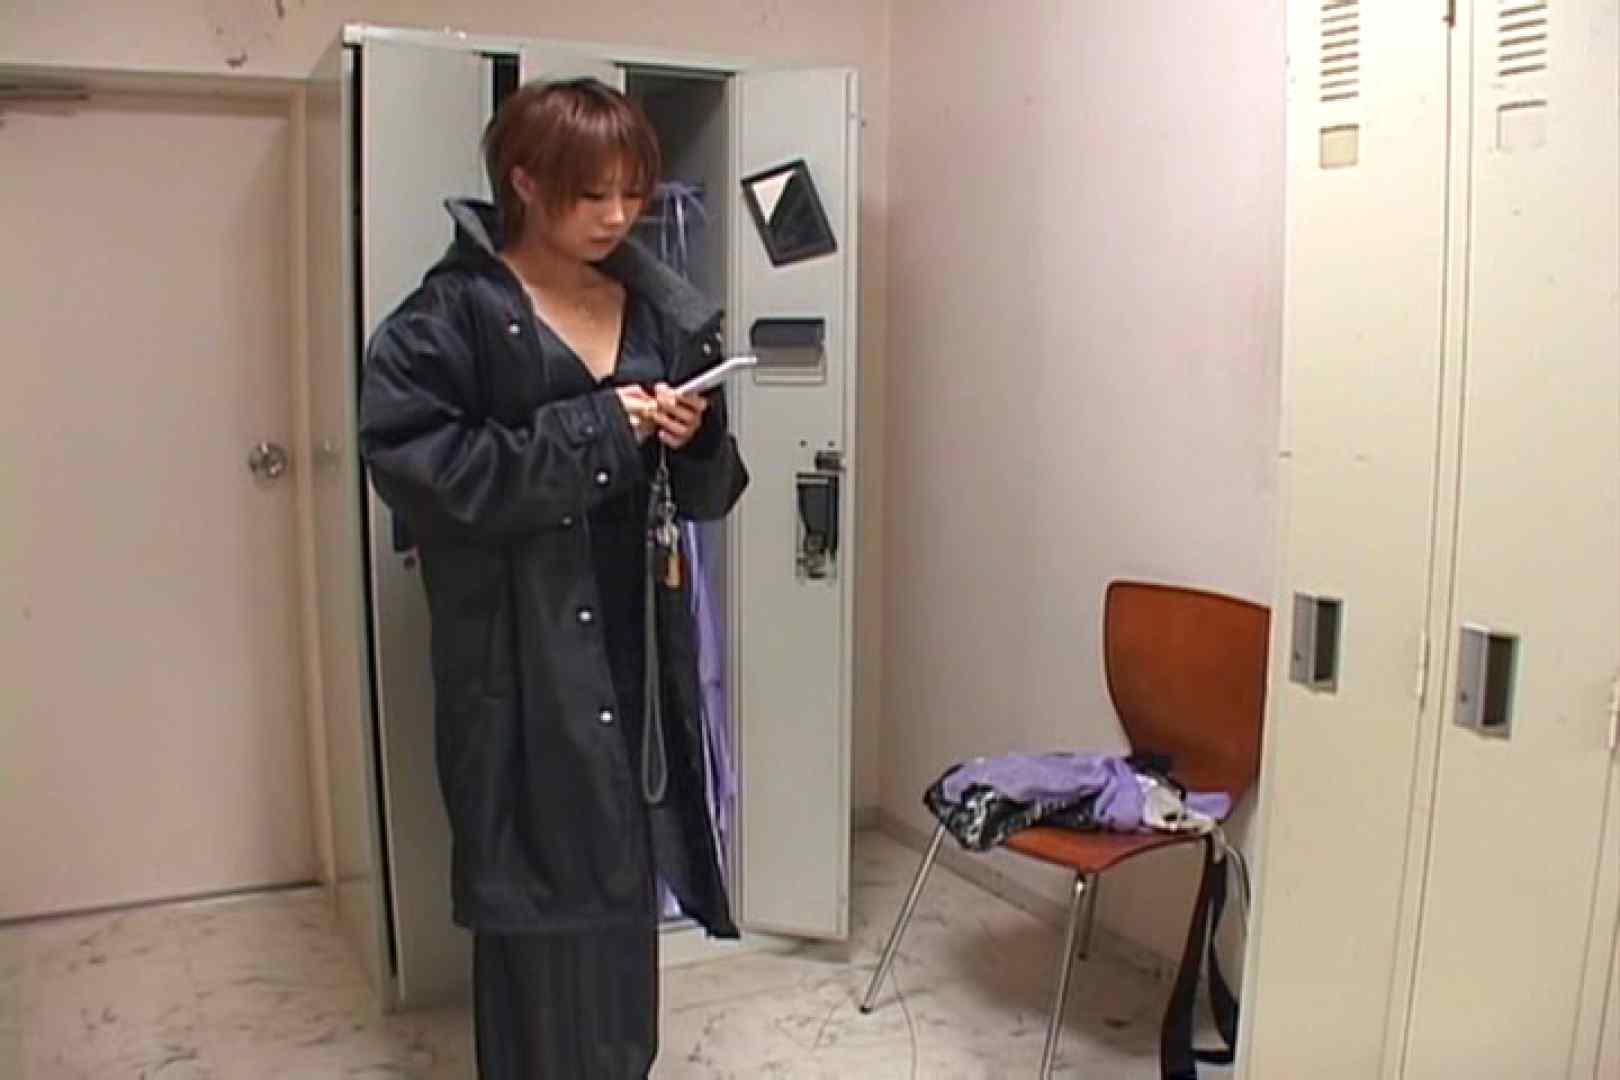 キャバ嬢舞台裏Vol.6 キャバ嬢の実態 AV無料 105pic 55